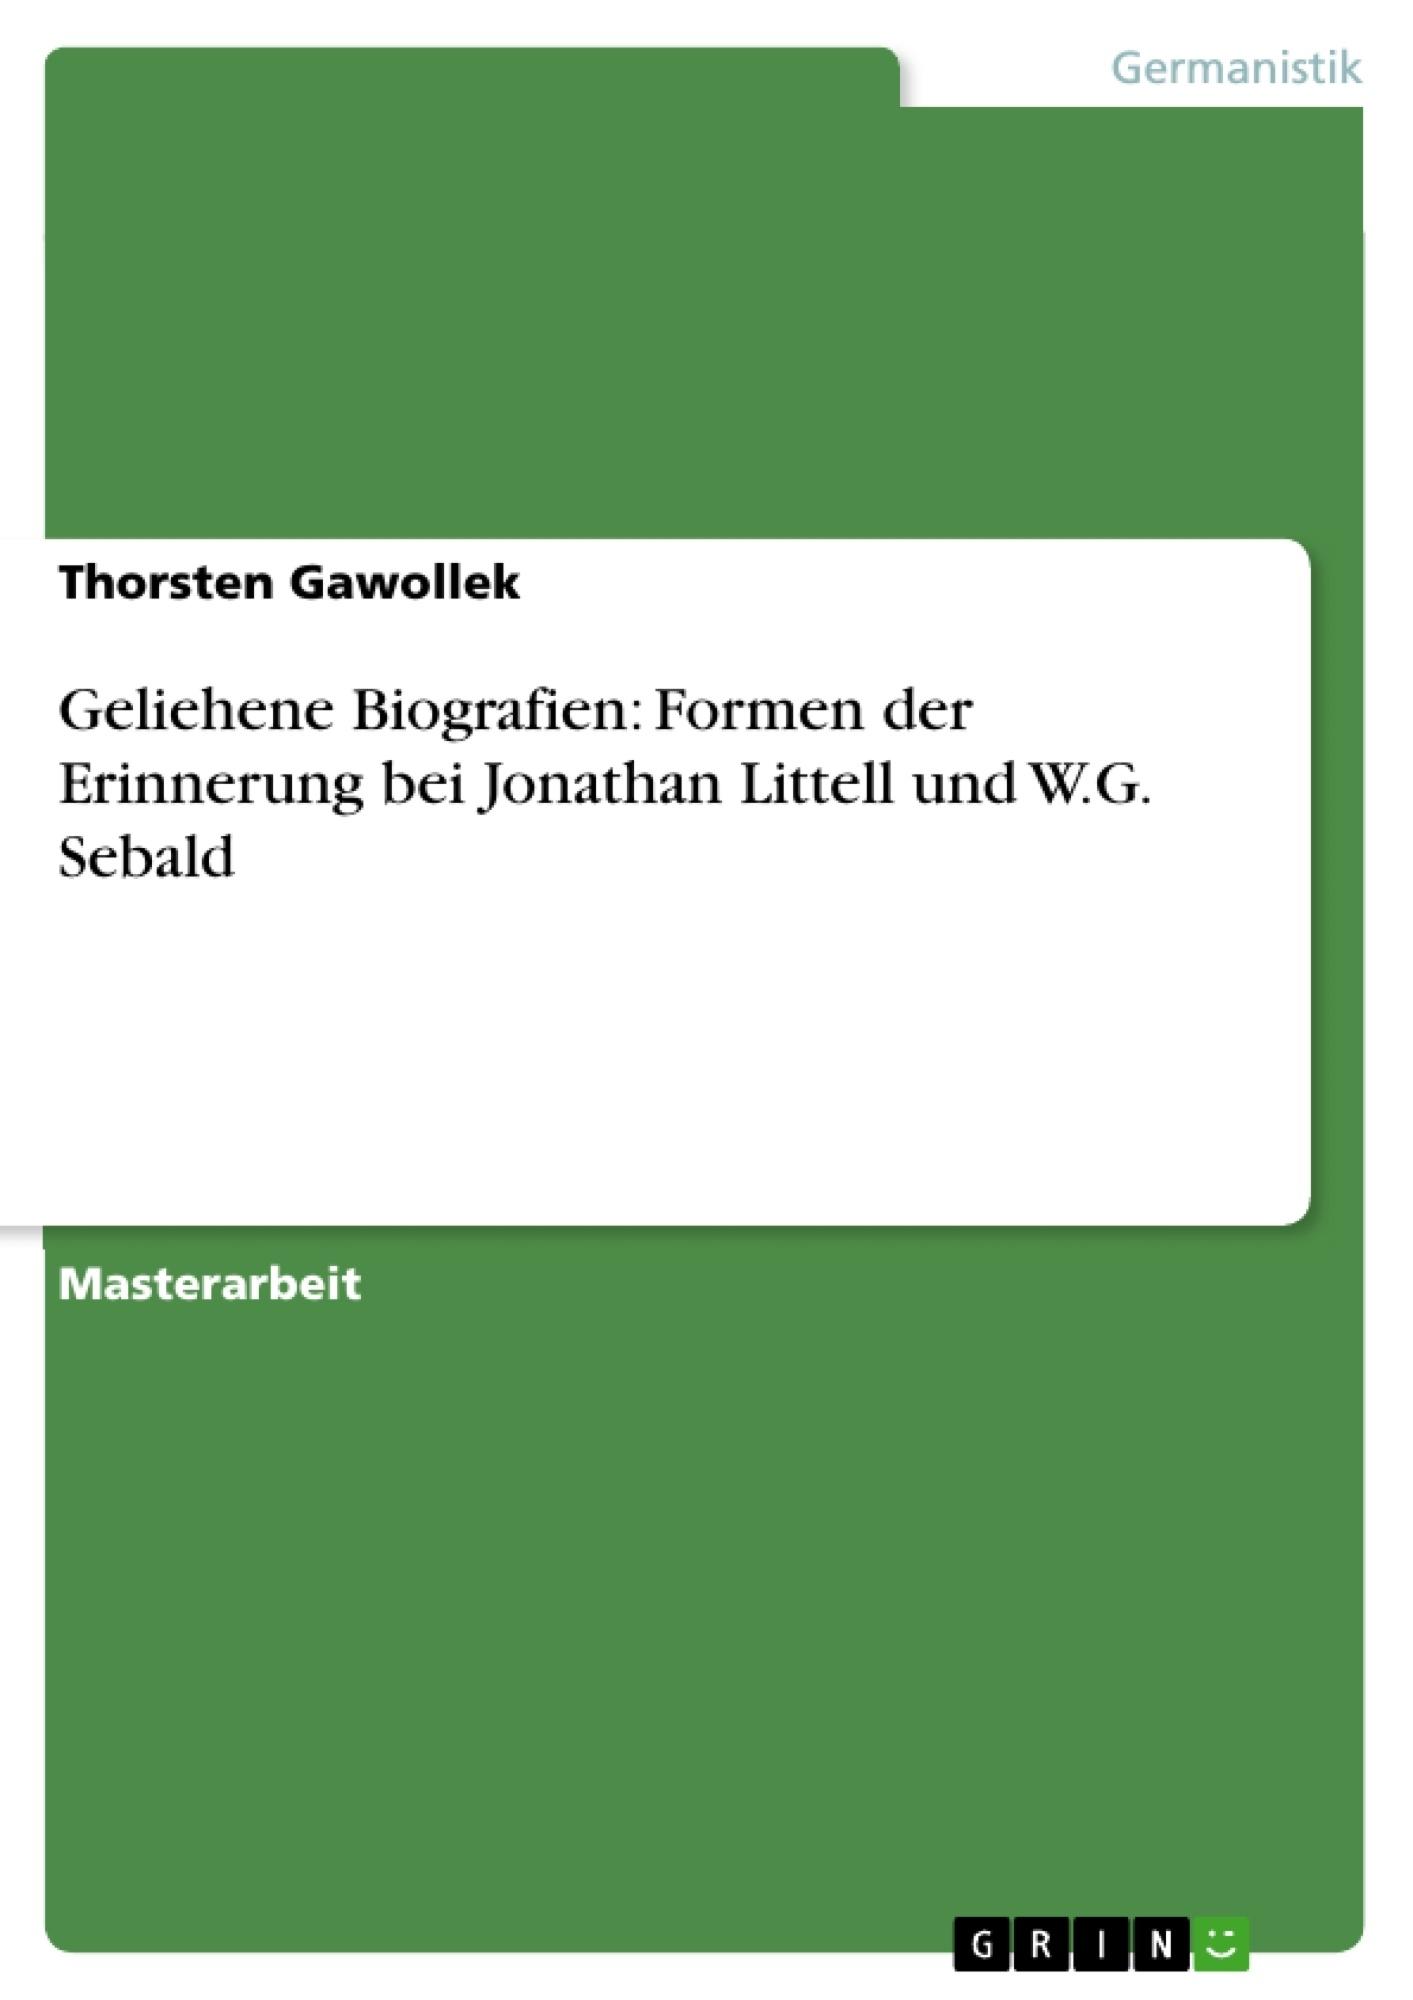 Titel: Geliehene Biografien: Formen der Erinnerung bei Jonathan Littell und W.G. Sebald